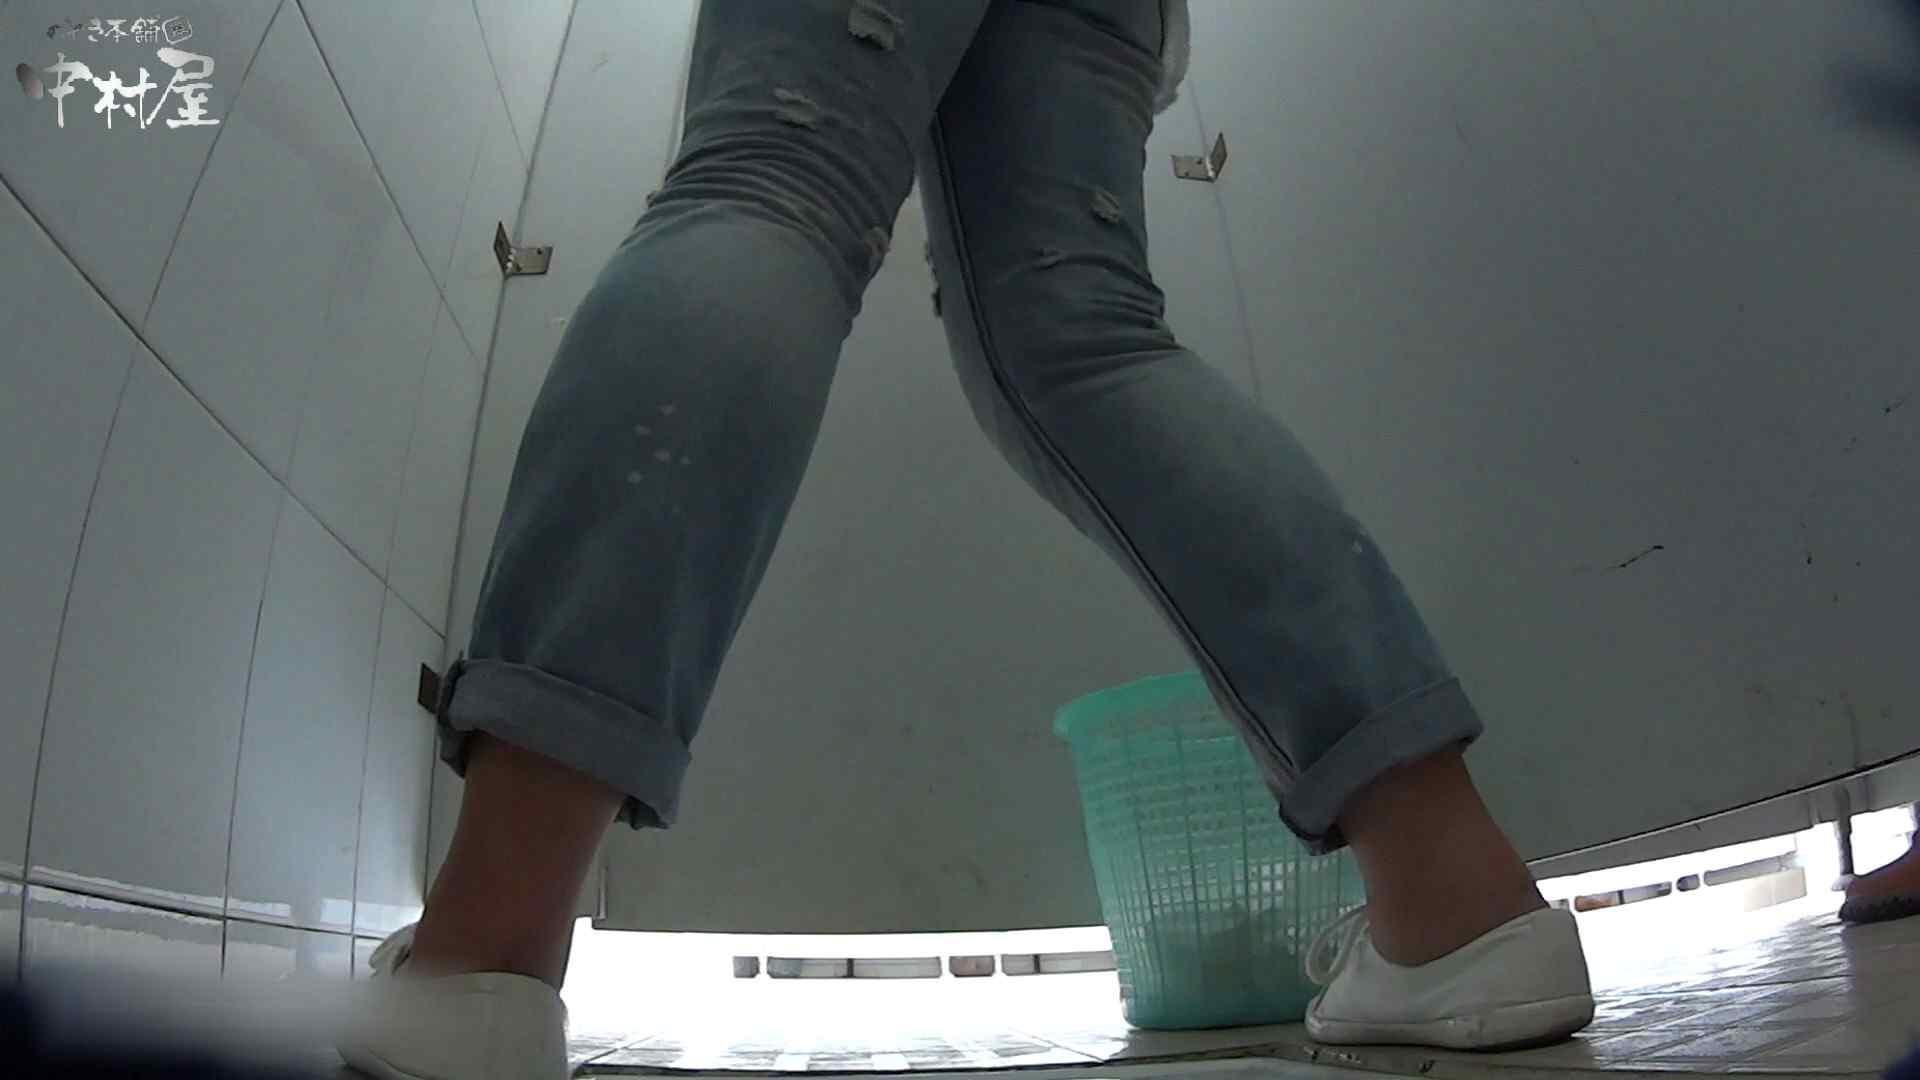 美しい女良たちのトイレ事情 有名大学休憩時間の洗面所事情06 高画質  101Pix 37